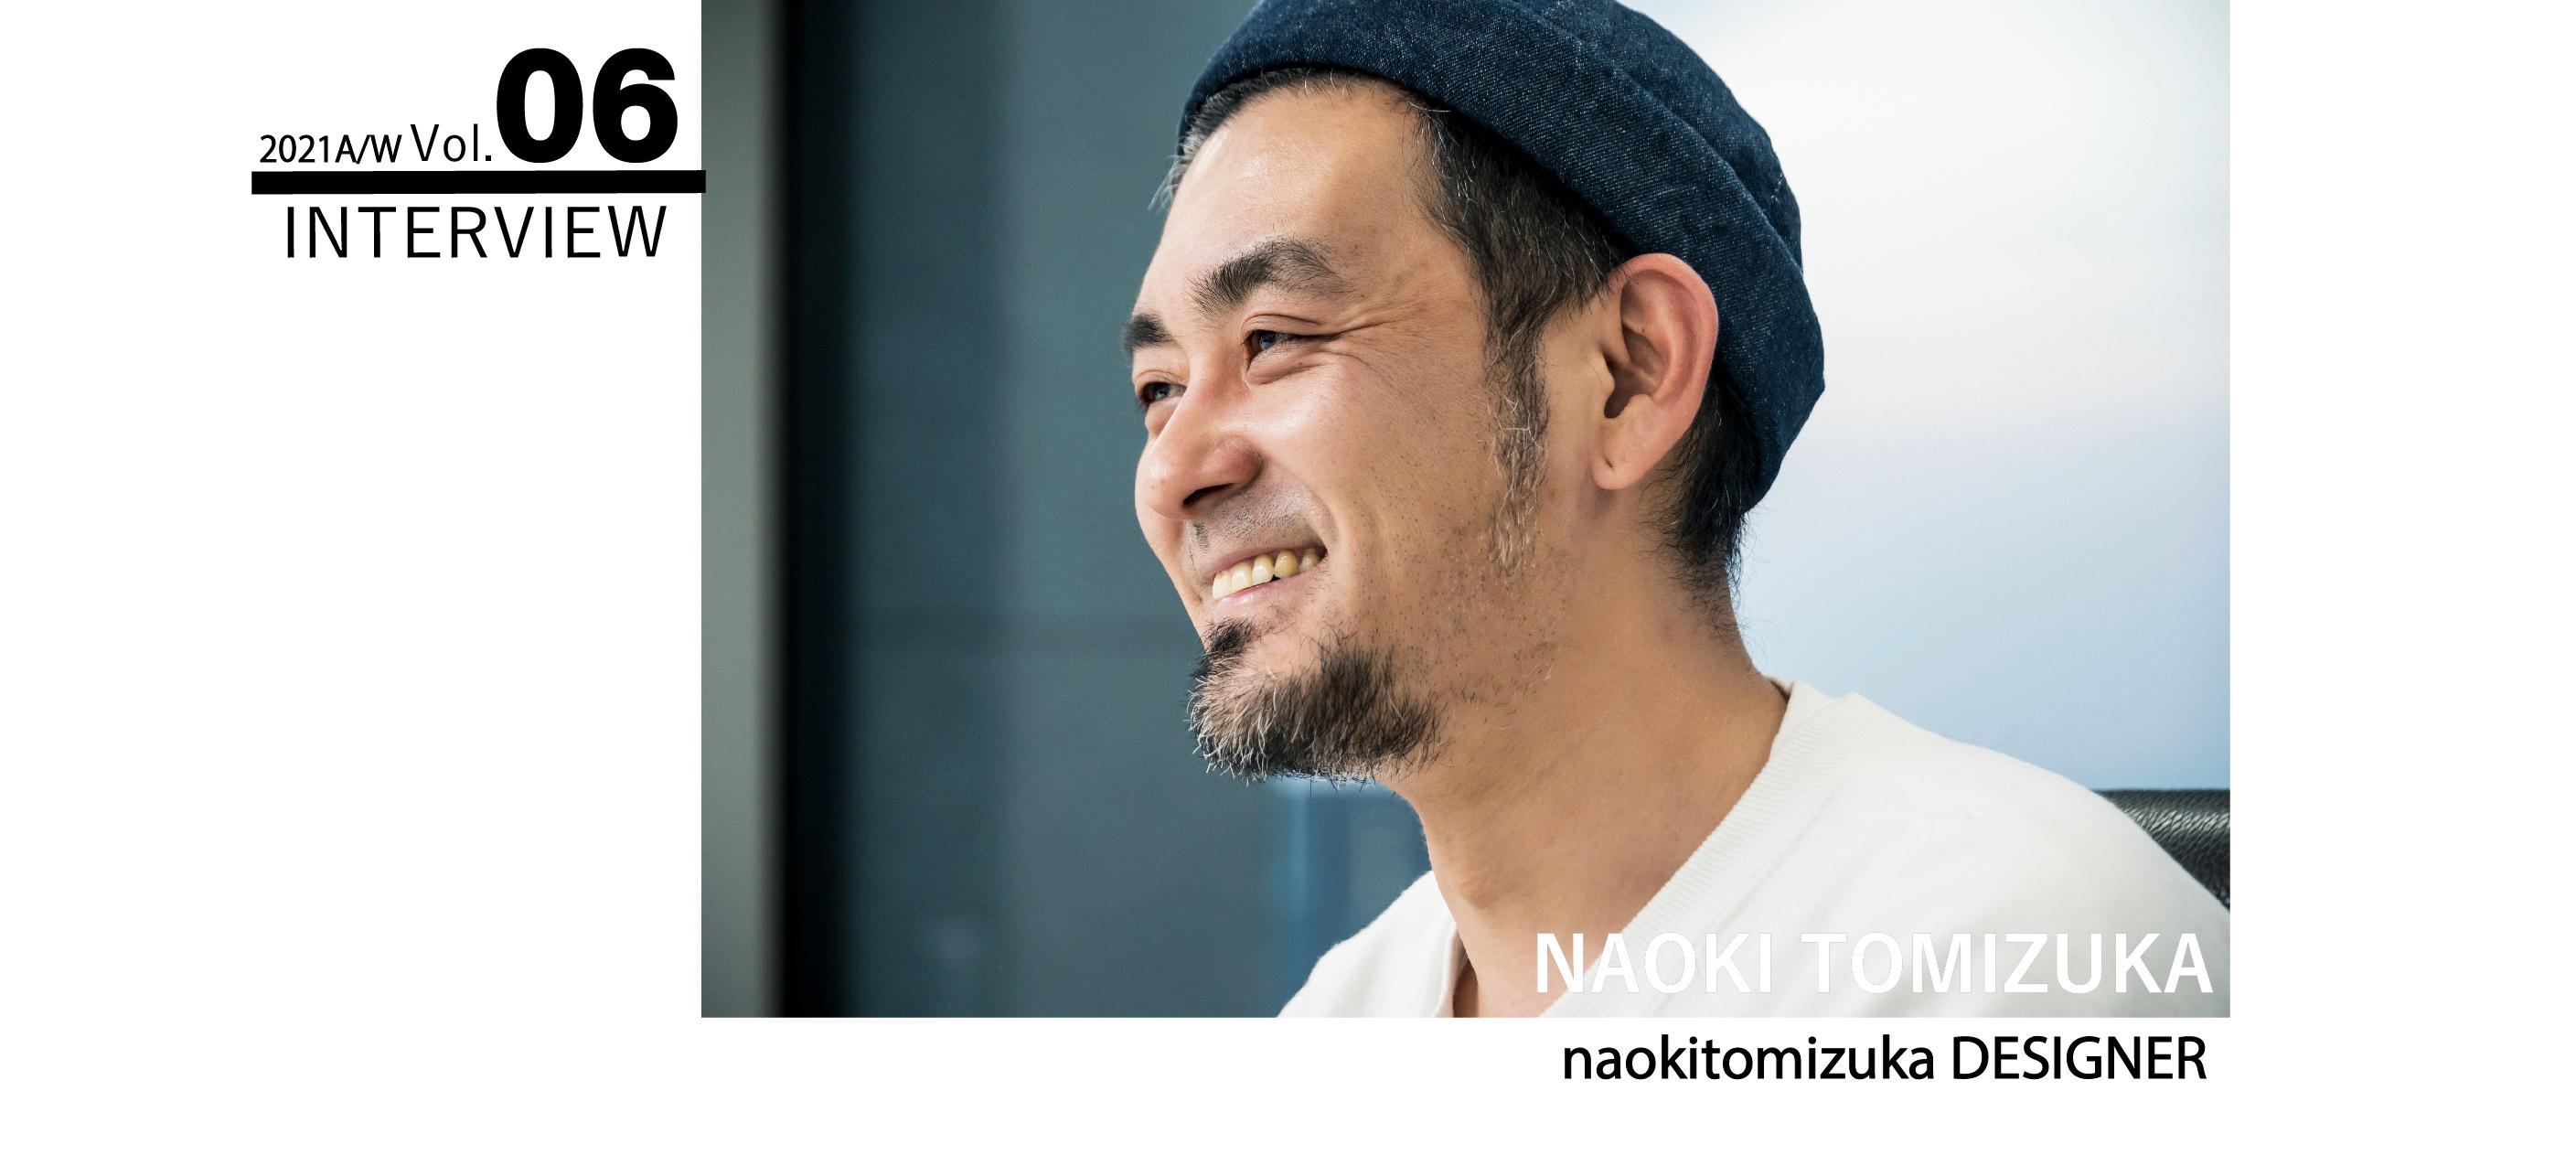 Naoki Tomizuka